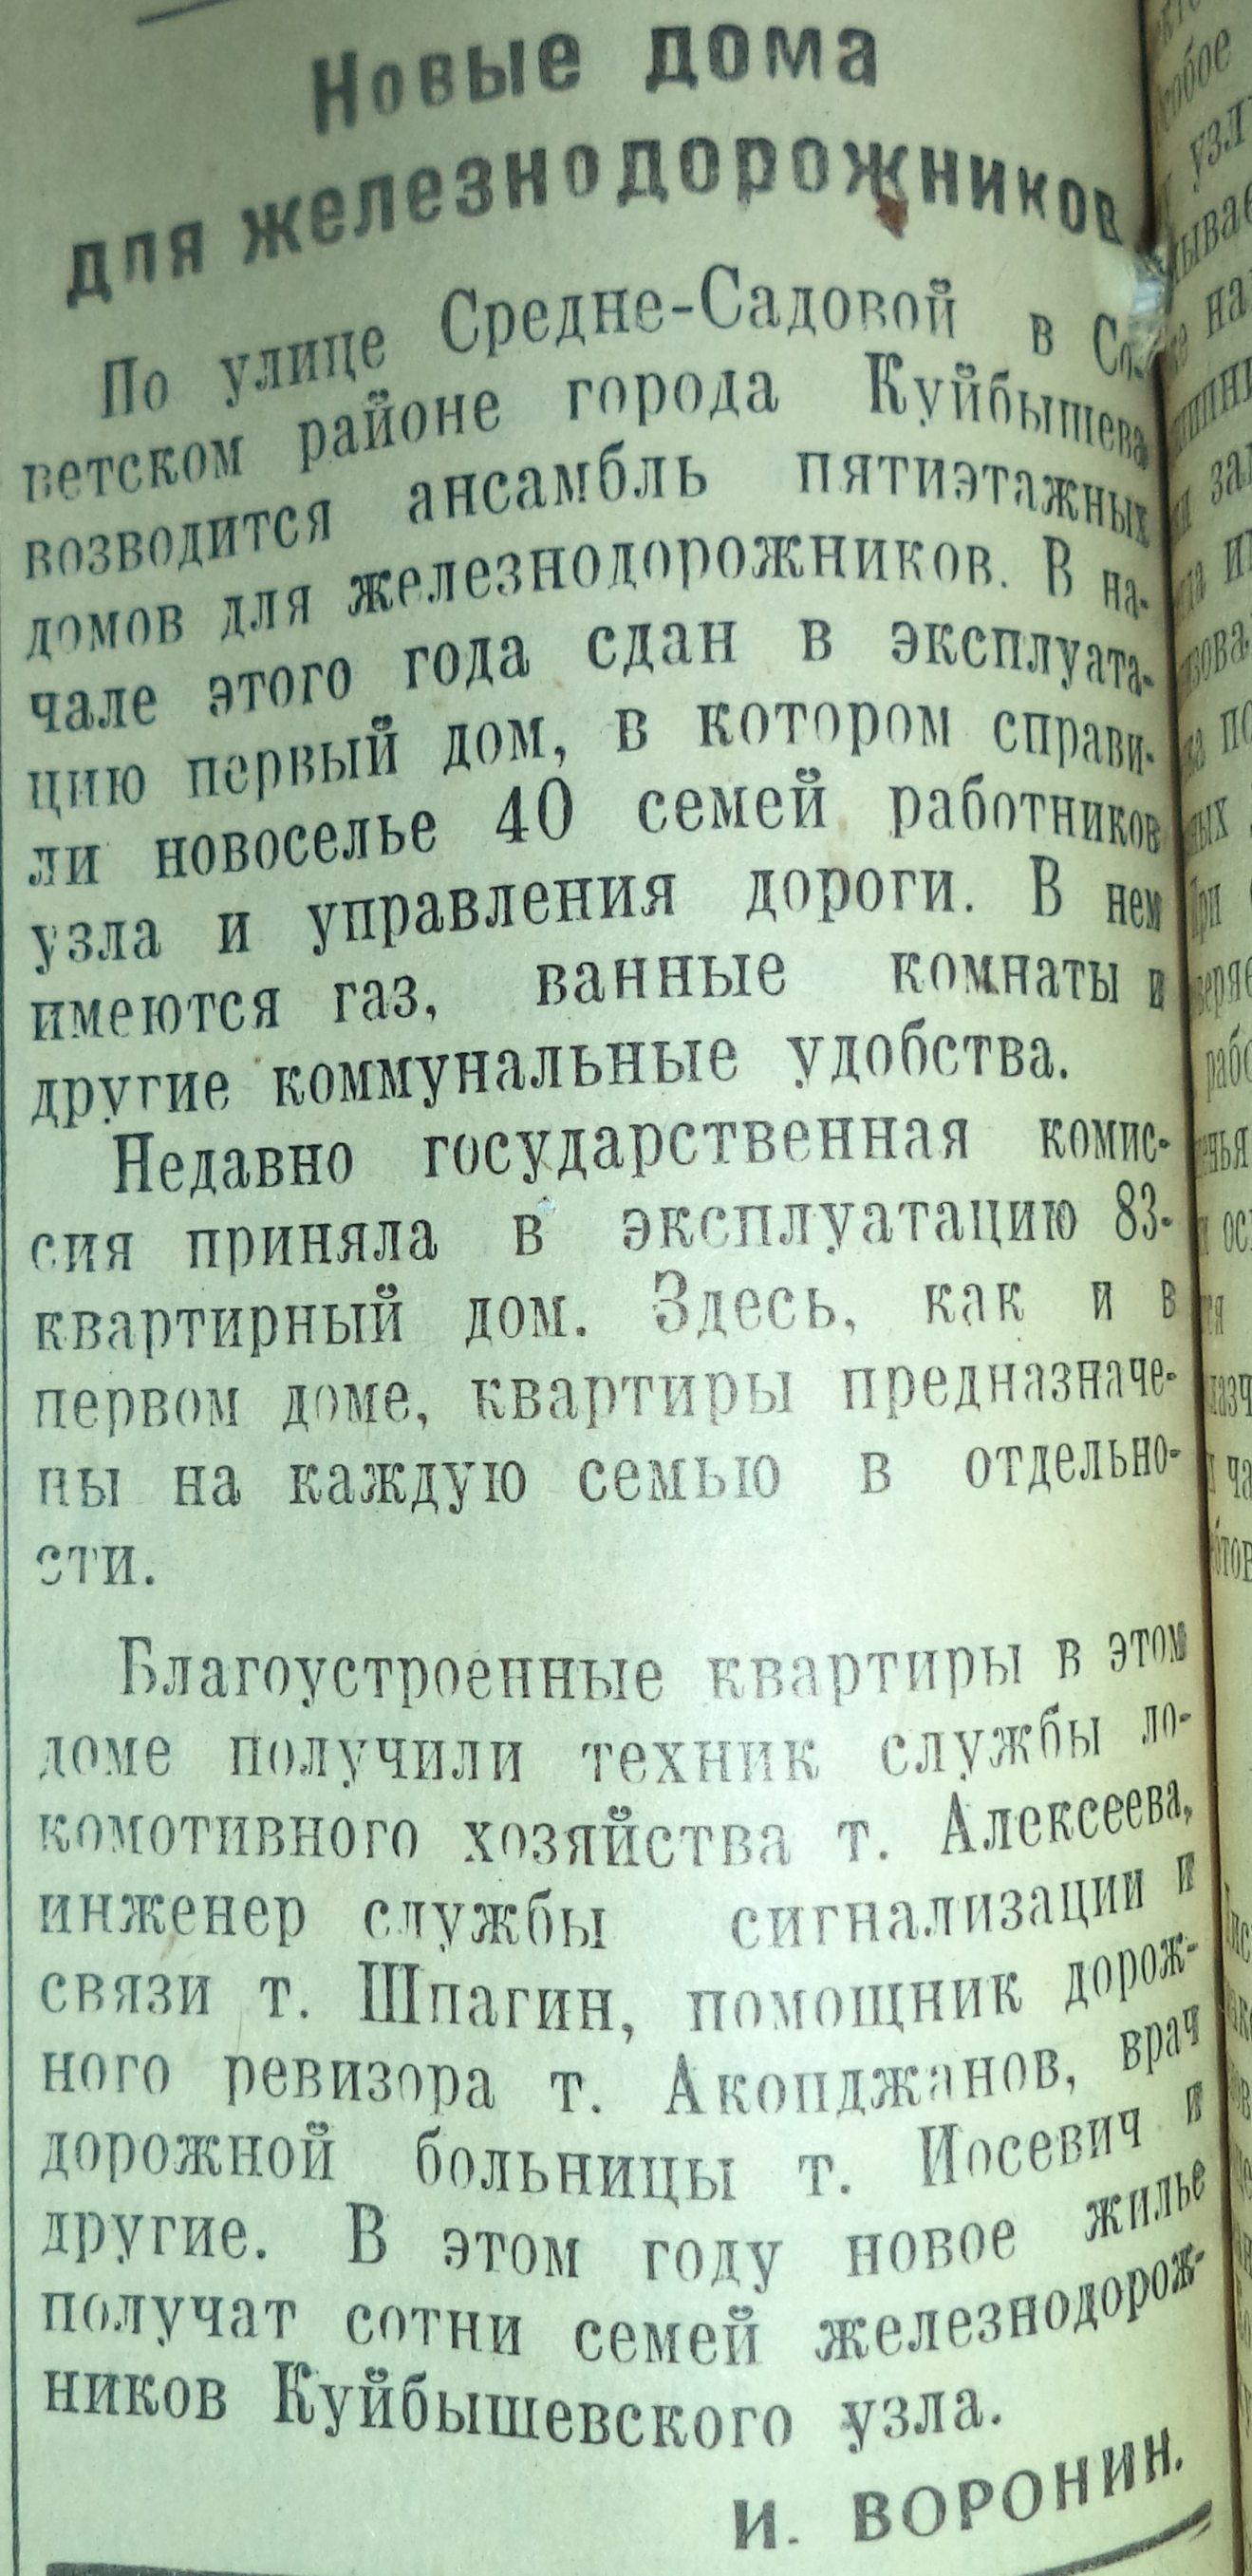 Средне-Садовая-ФОТО-15-Большевистское знамя-1960-27 февраля-о домах №№ 34 и 36-min